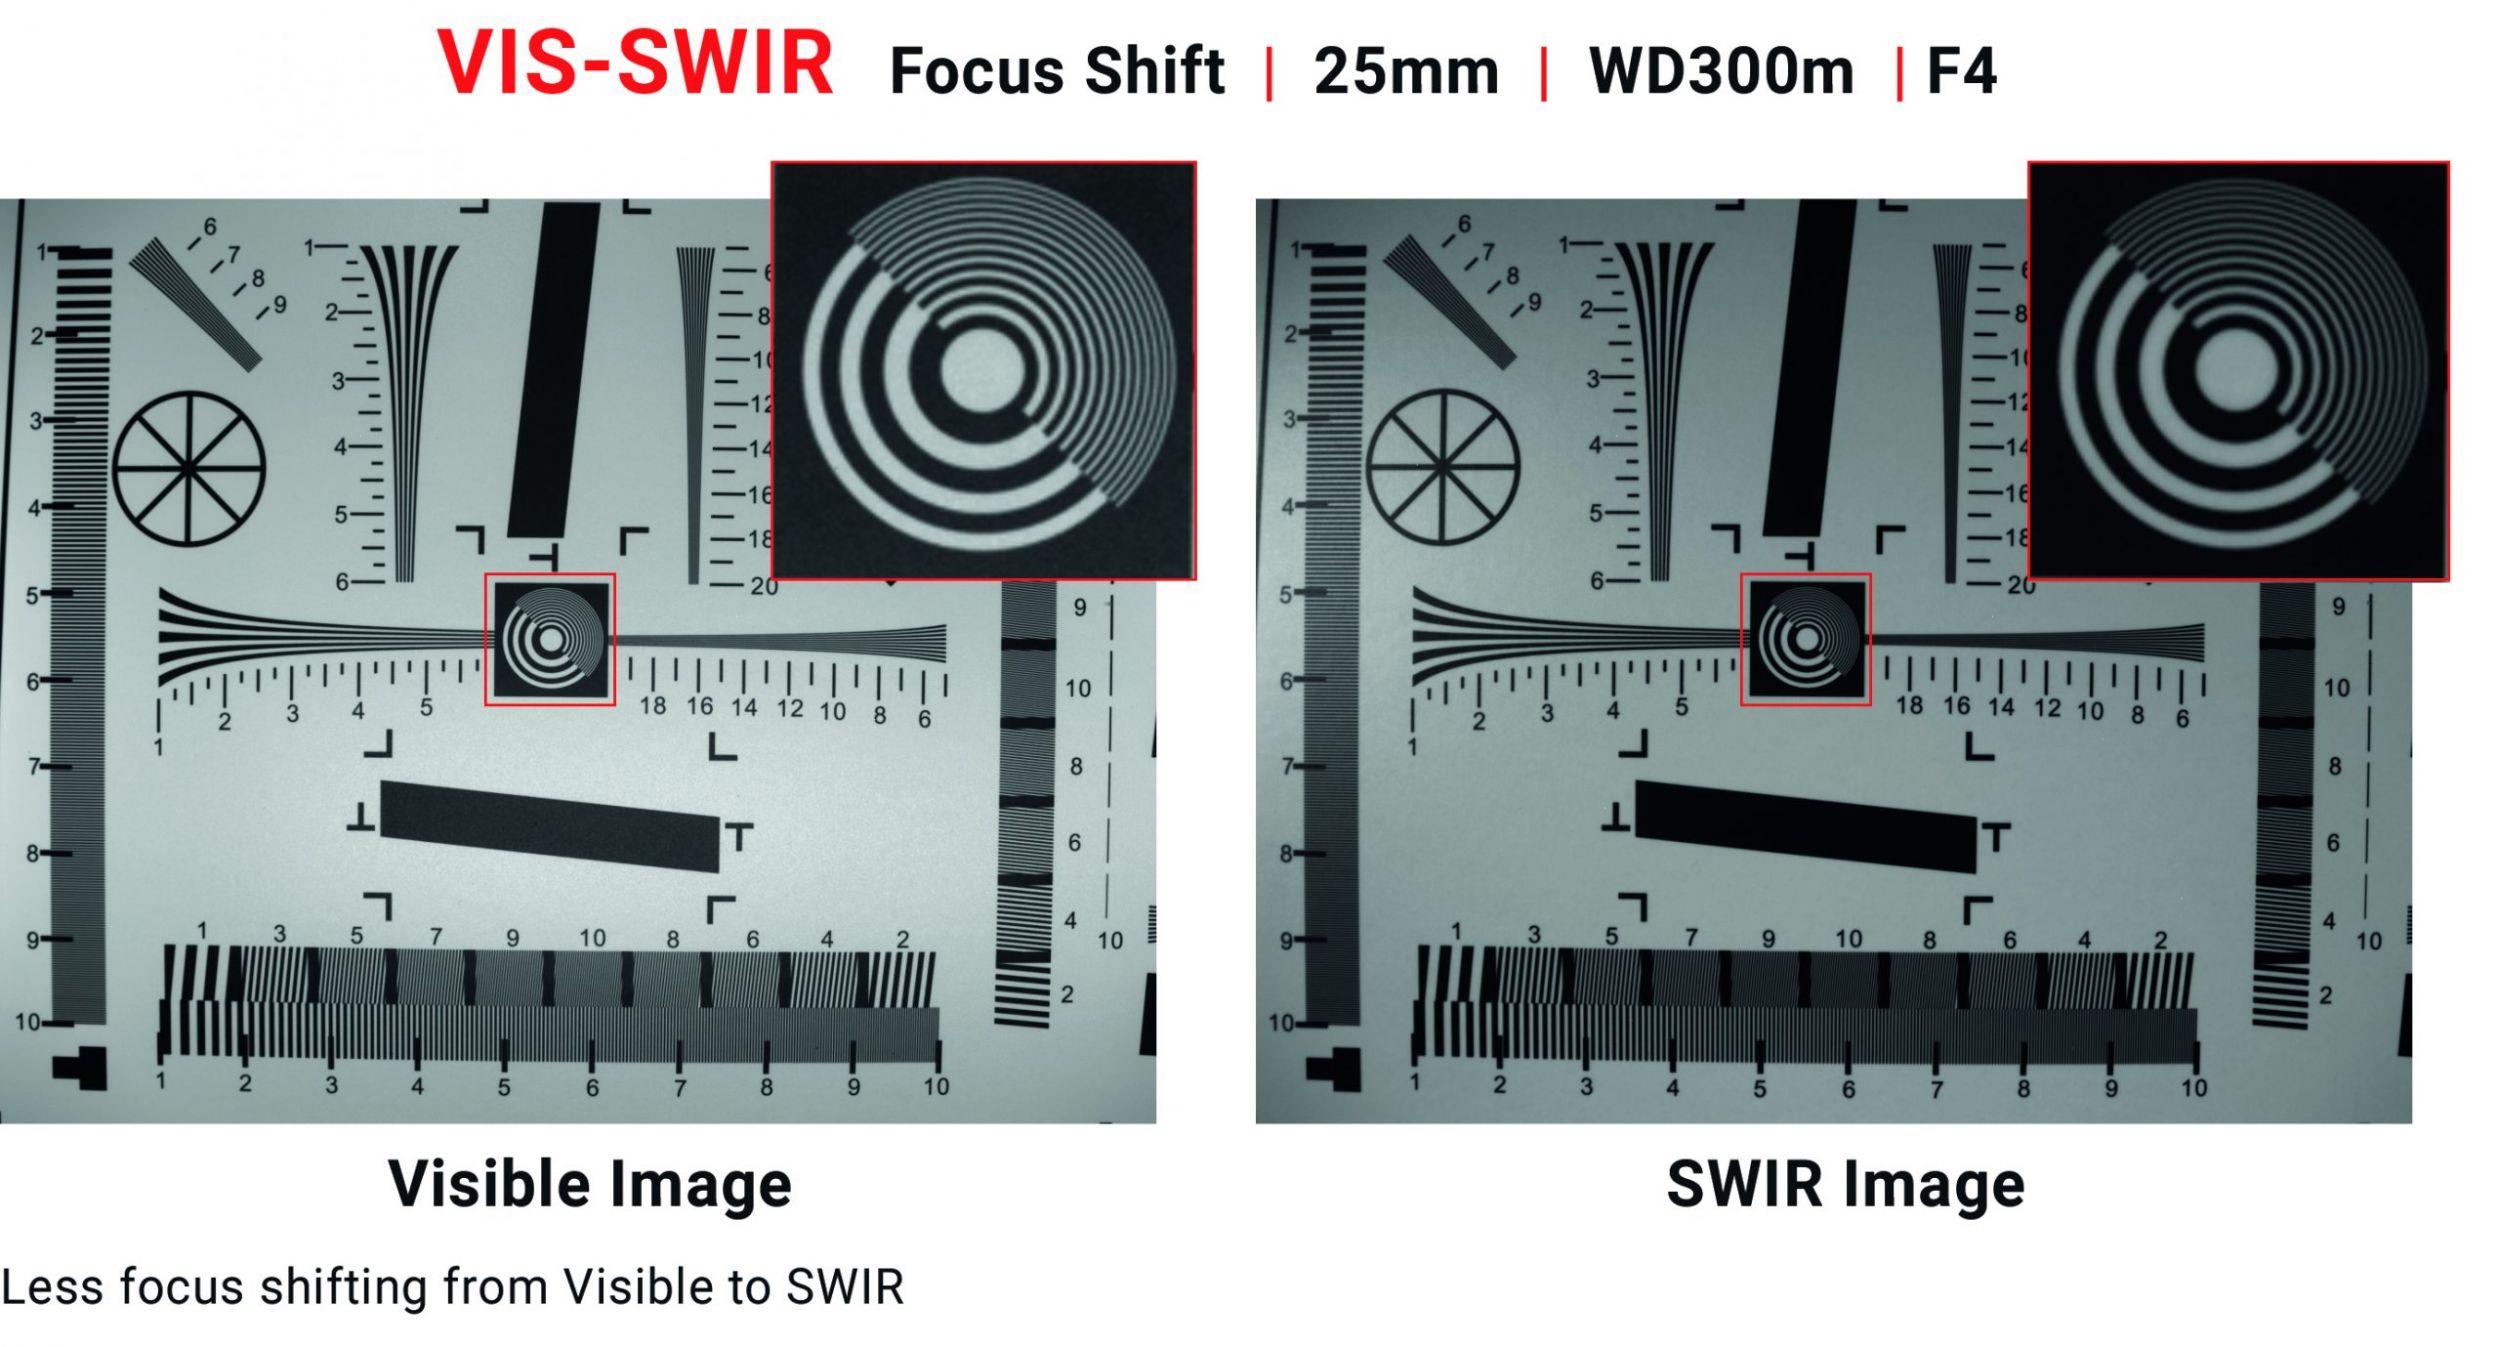 Die neuen VIS-SWIR-Objektive von Kowa sind so konstruiert, dass eine Fokusverschiebung über den gesamten Wellenlängenbereich minimiert wird. So kann die Wellenlänge der Beleuchtung gewechselt werden, ohne dass erneut fokussiert werden muss. (Bild: Kowa Optimed Deutschland GmbH)